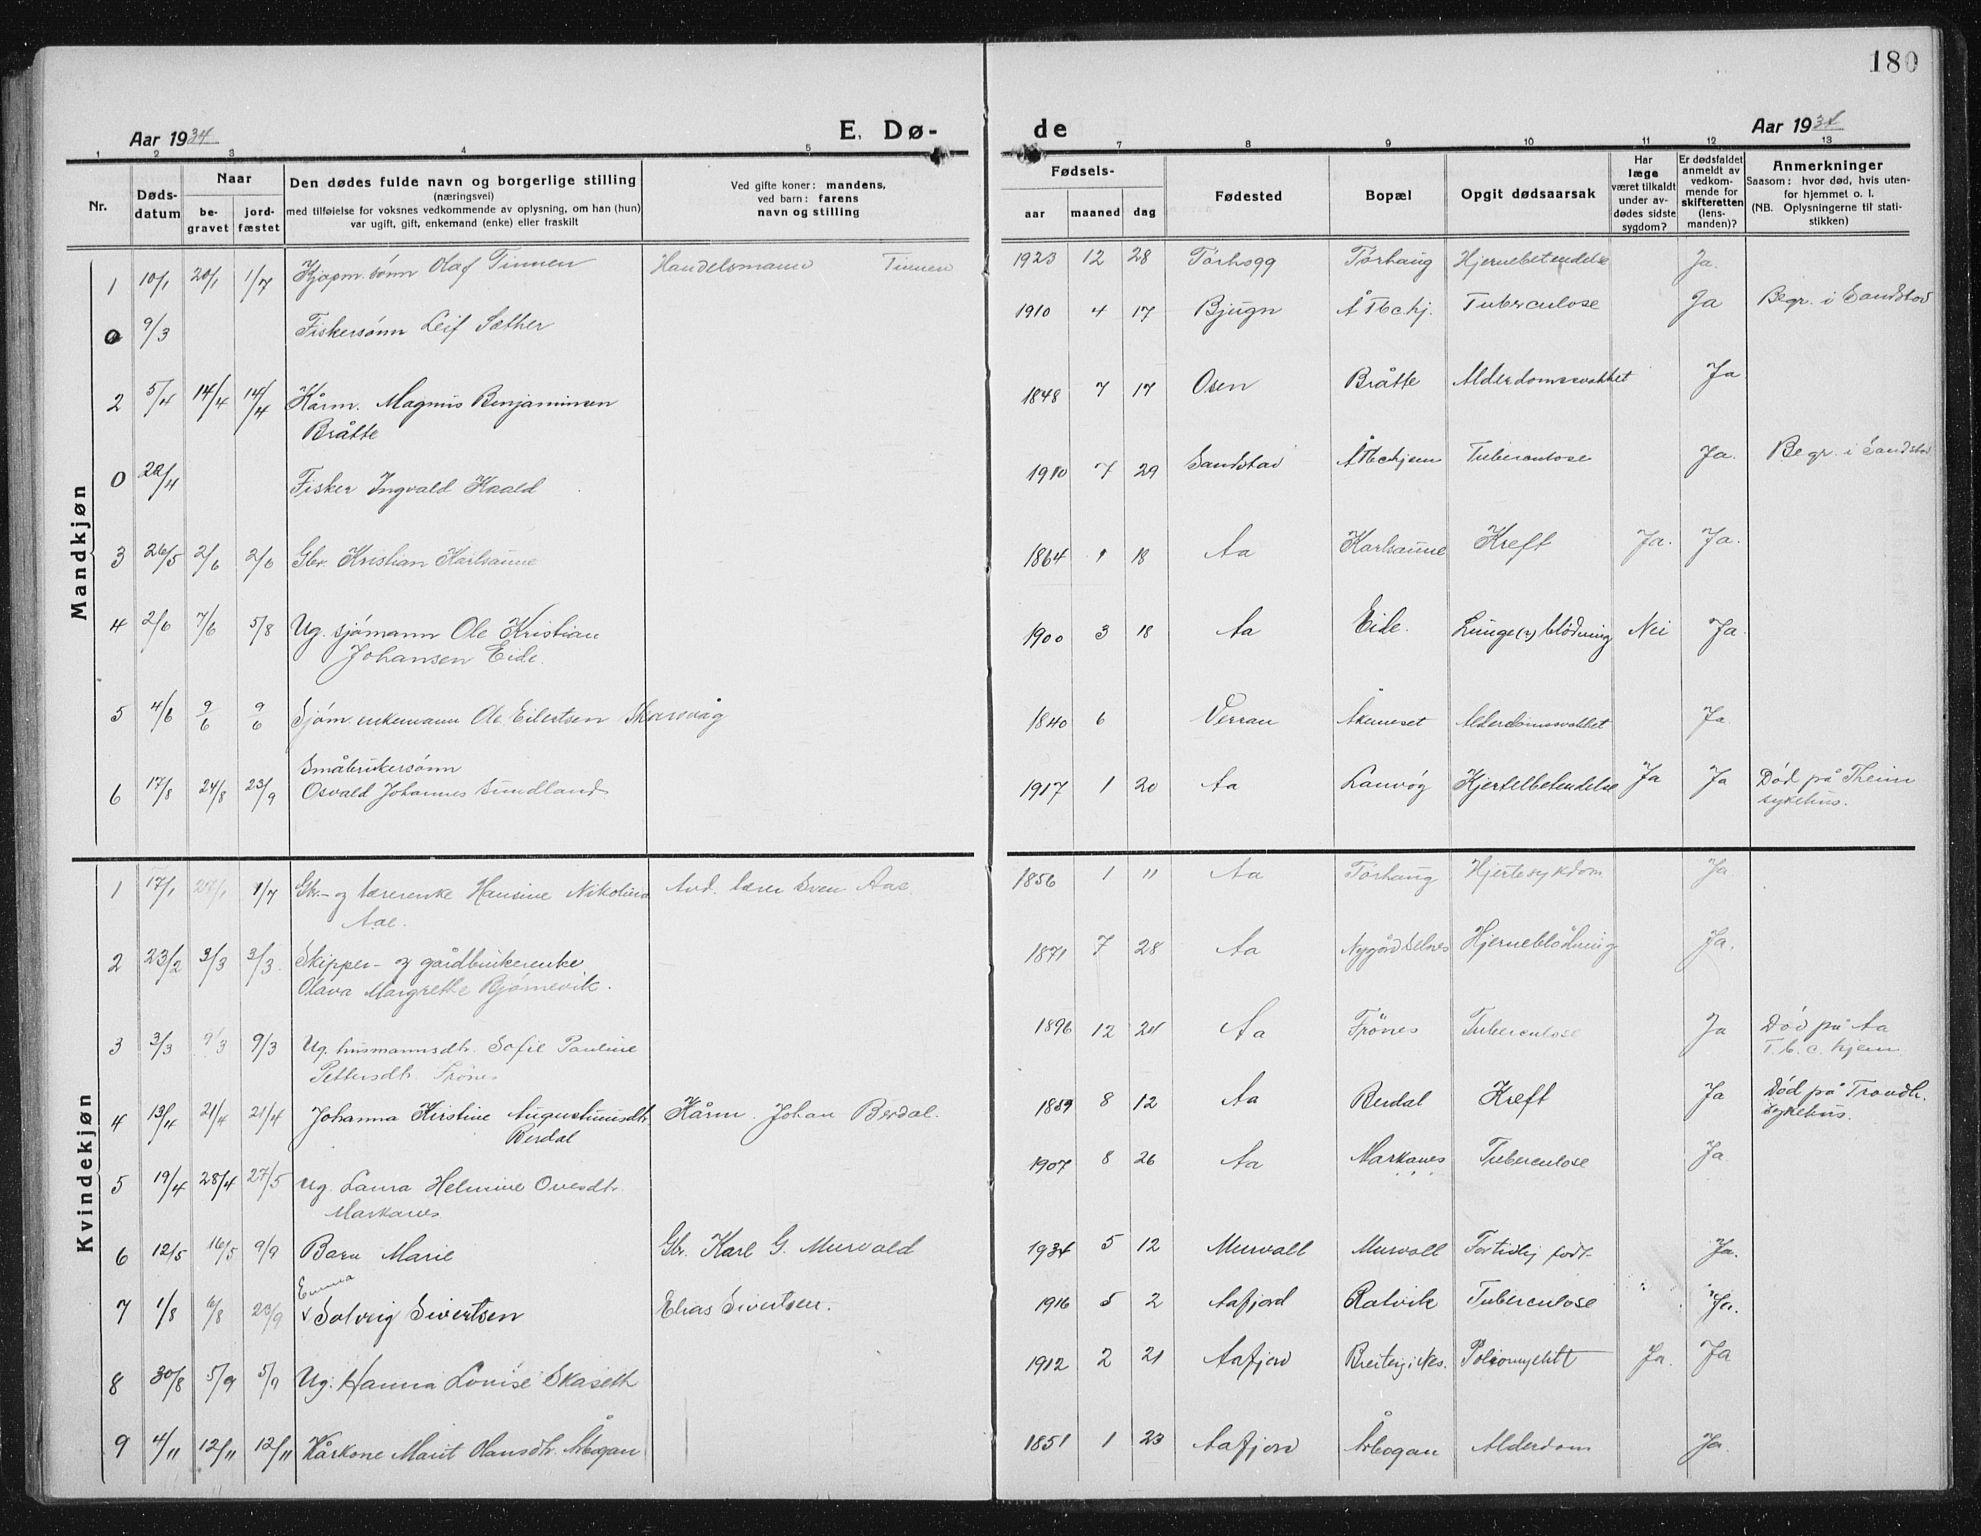 SAT, Ministerialprotokoller, klokkerbøker og fødselsregistre - Sør-Trøndelag, 655/L0689: Klokkerbok nr. 655C05, 1922-1936, s. 180